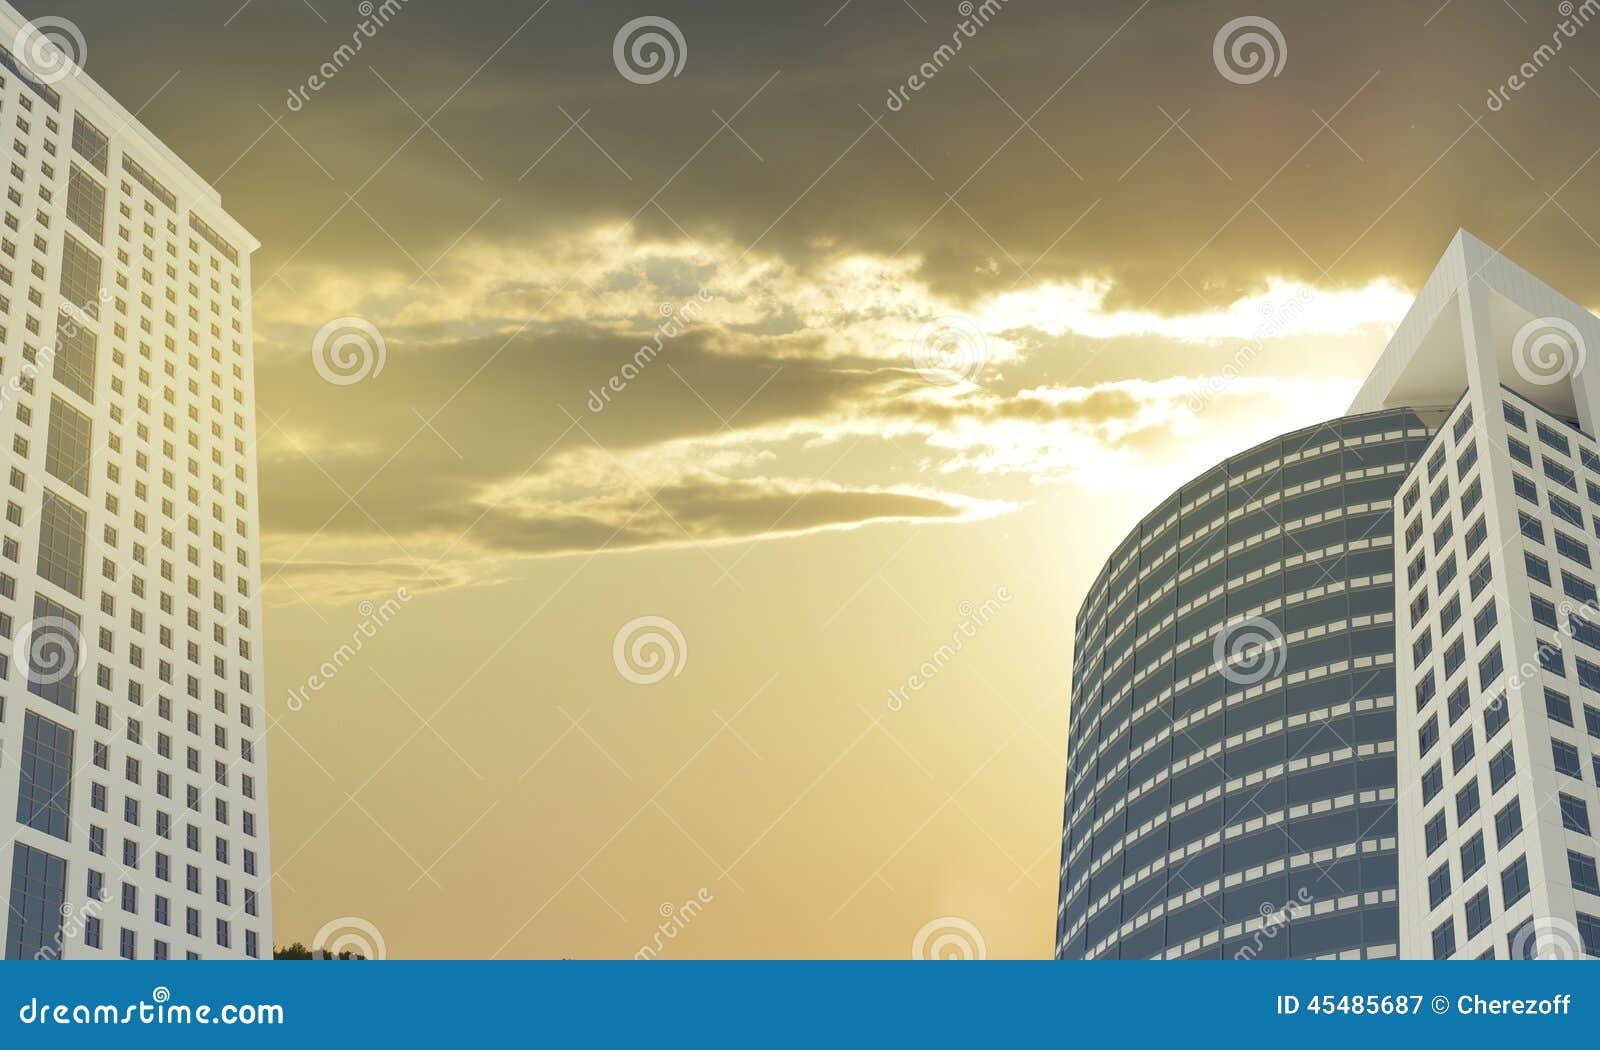 摩天大楼和晚上天空与云彩